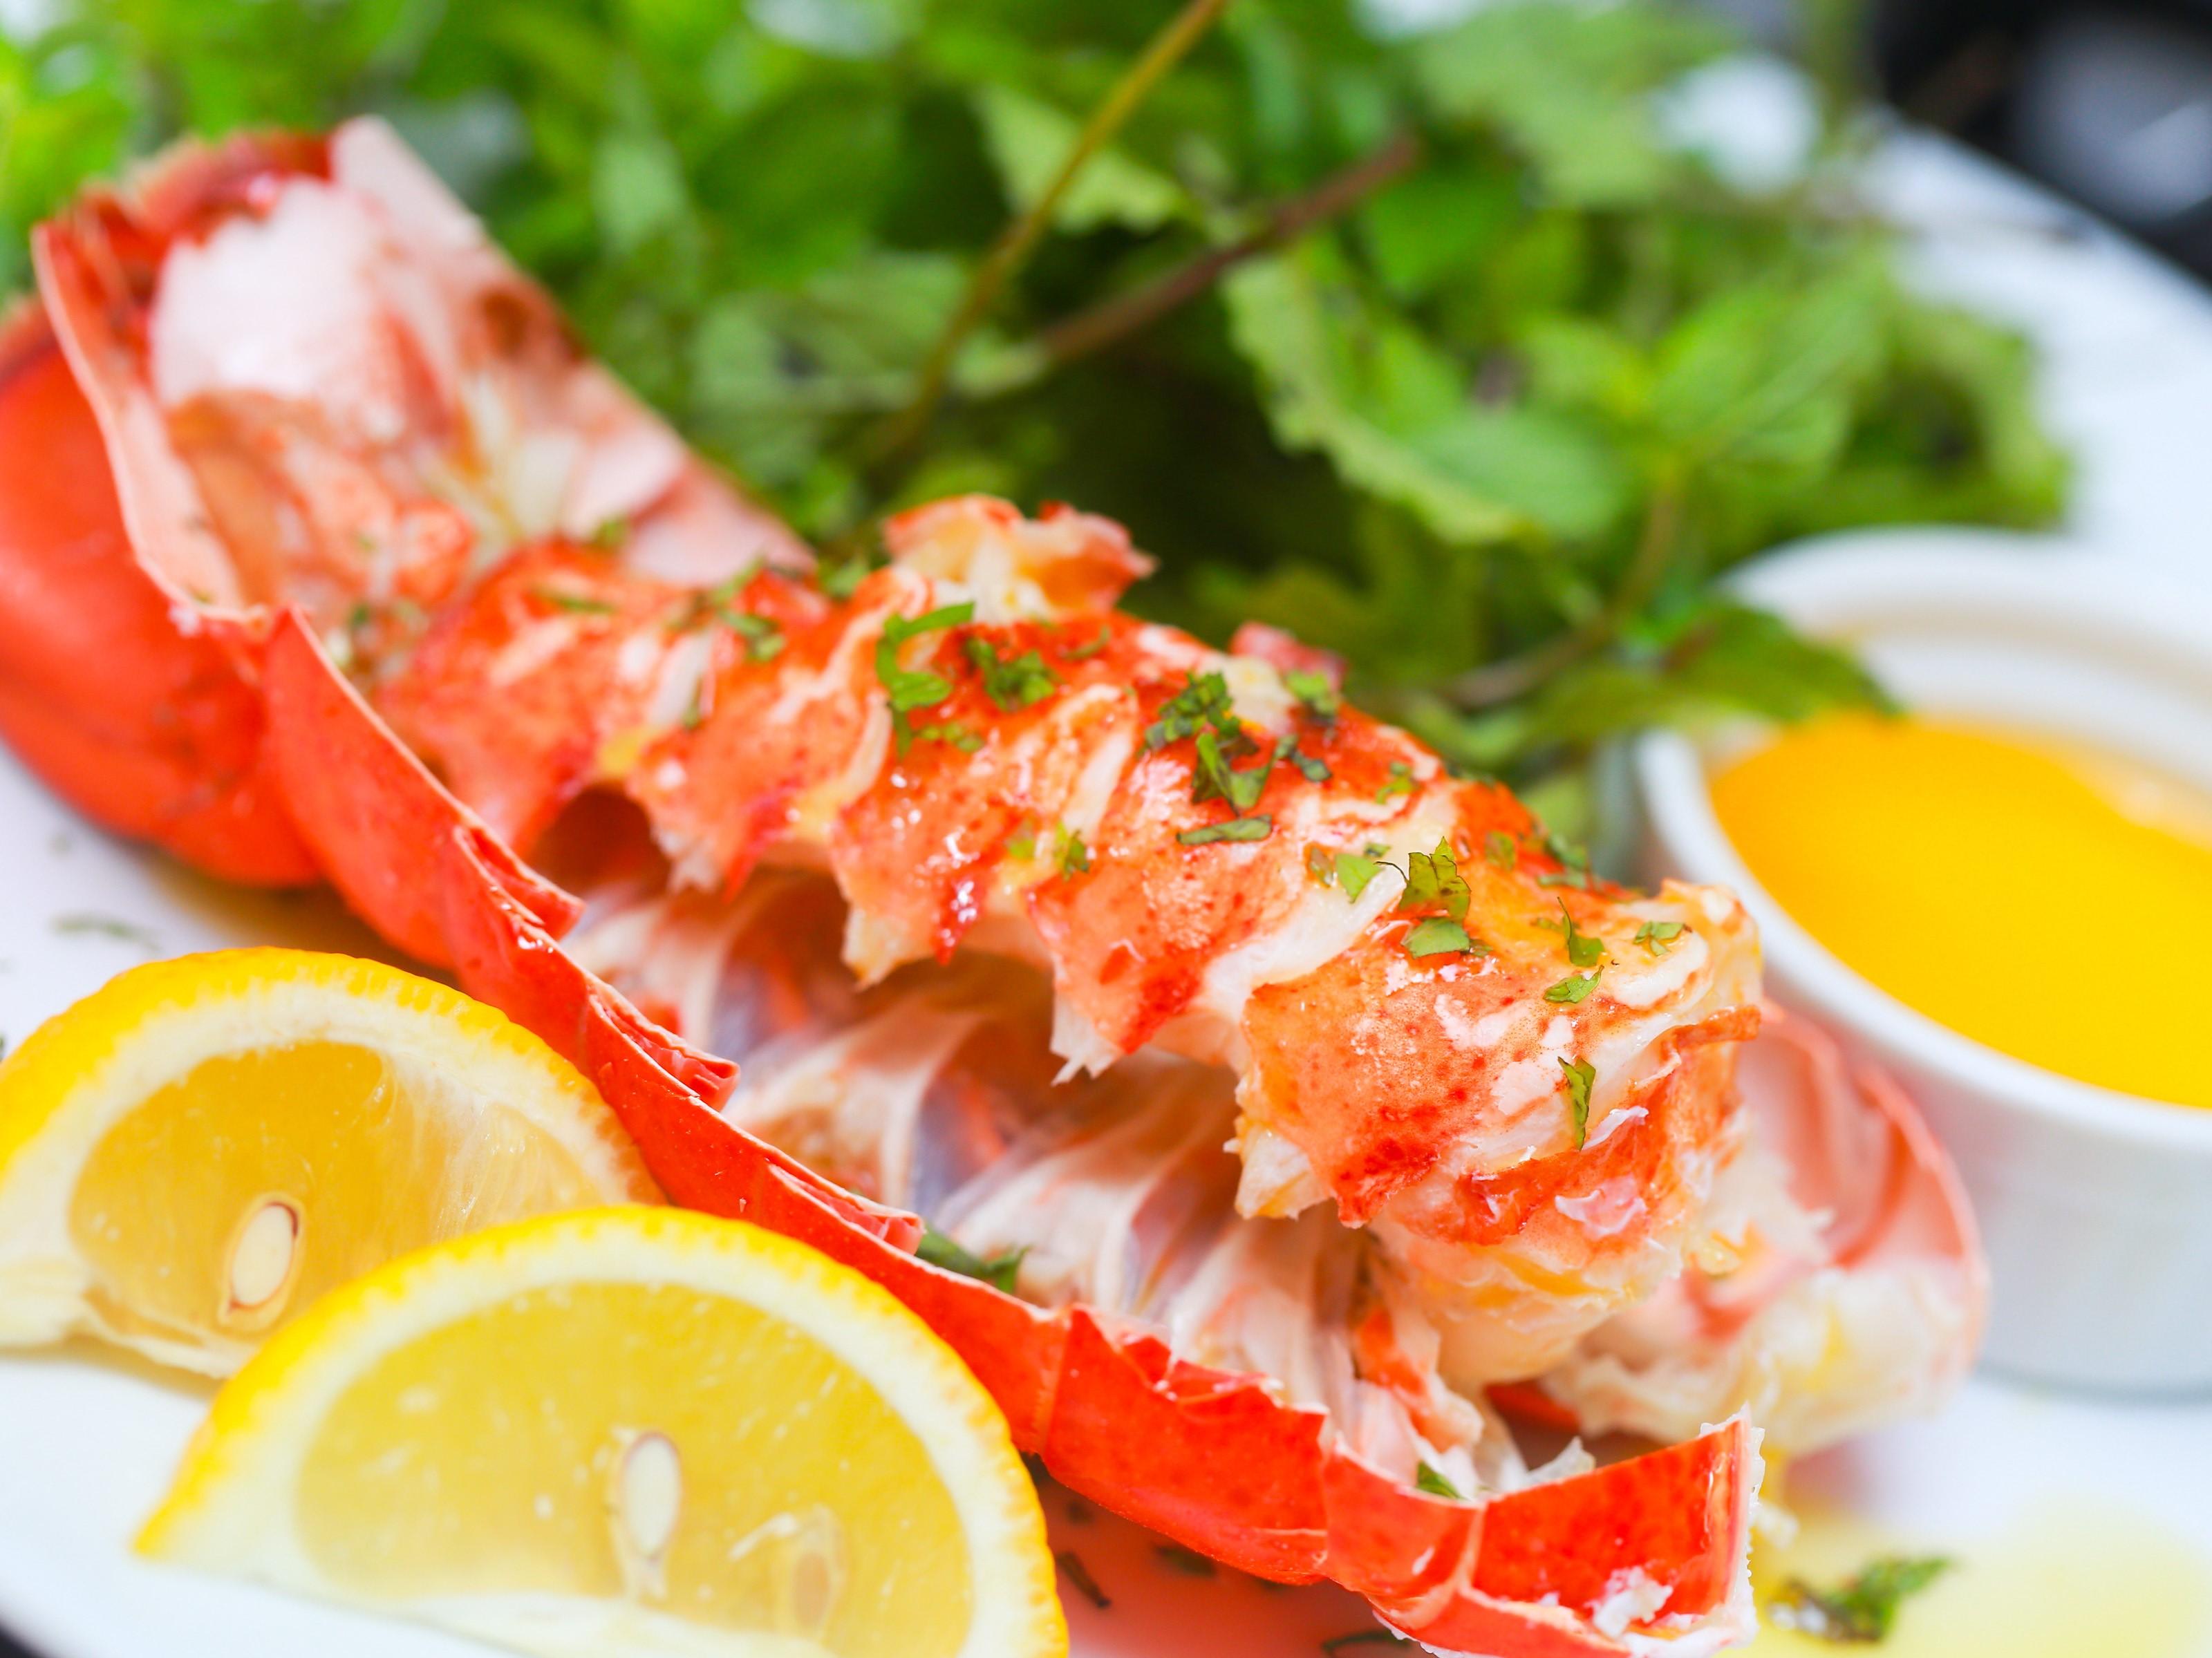 Le homard et le crabe ne contiennent pas de glucides, à condition que vous les mangiez à la vapeur ou bouillis.